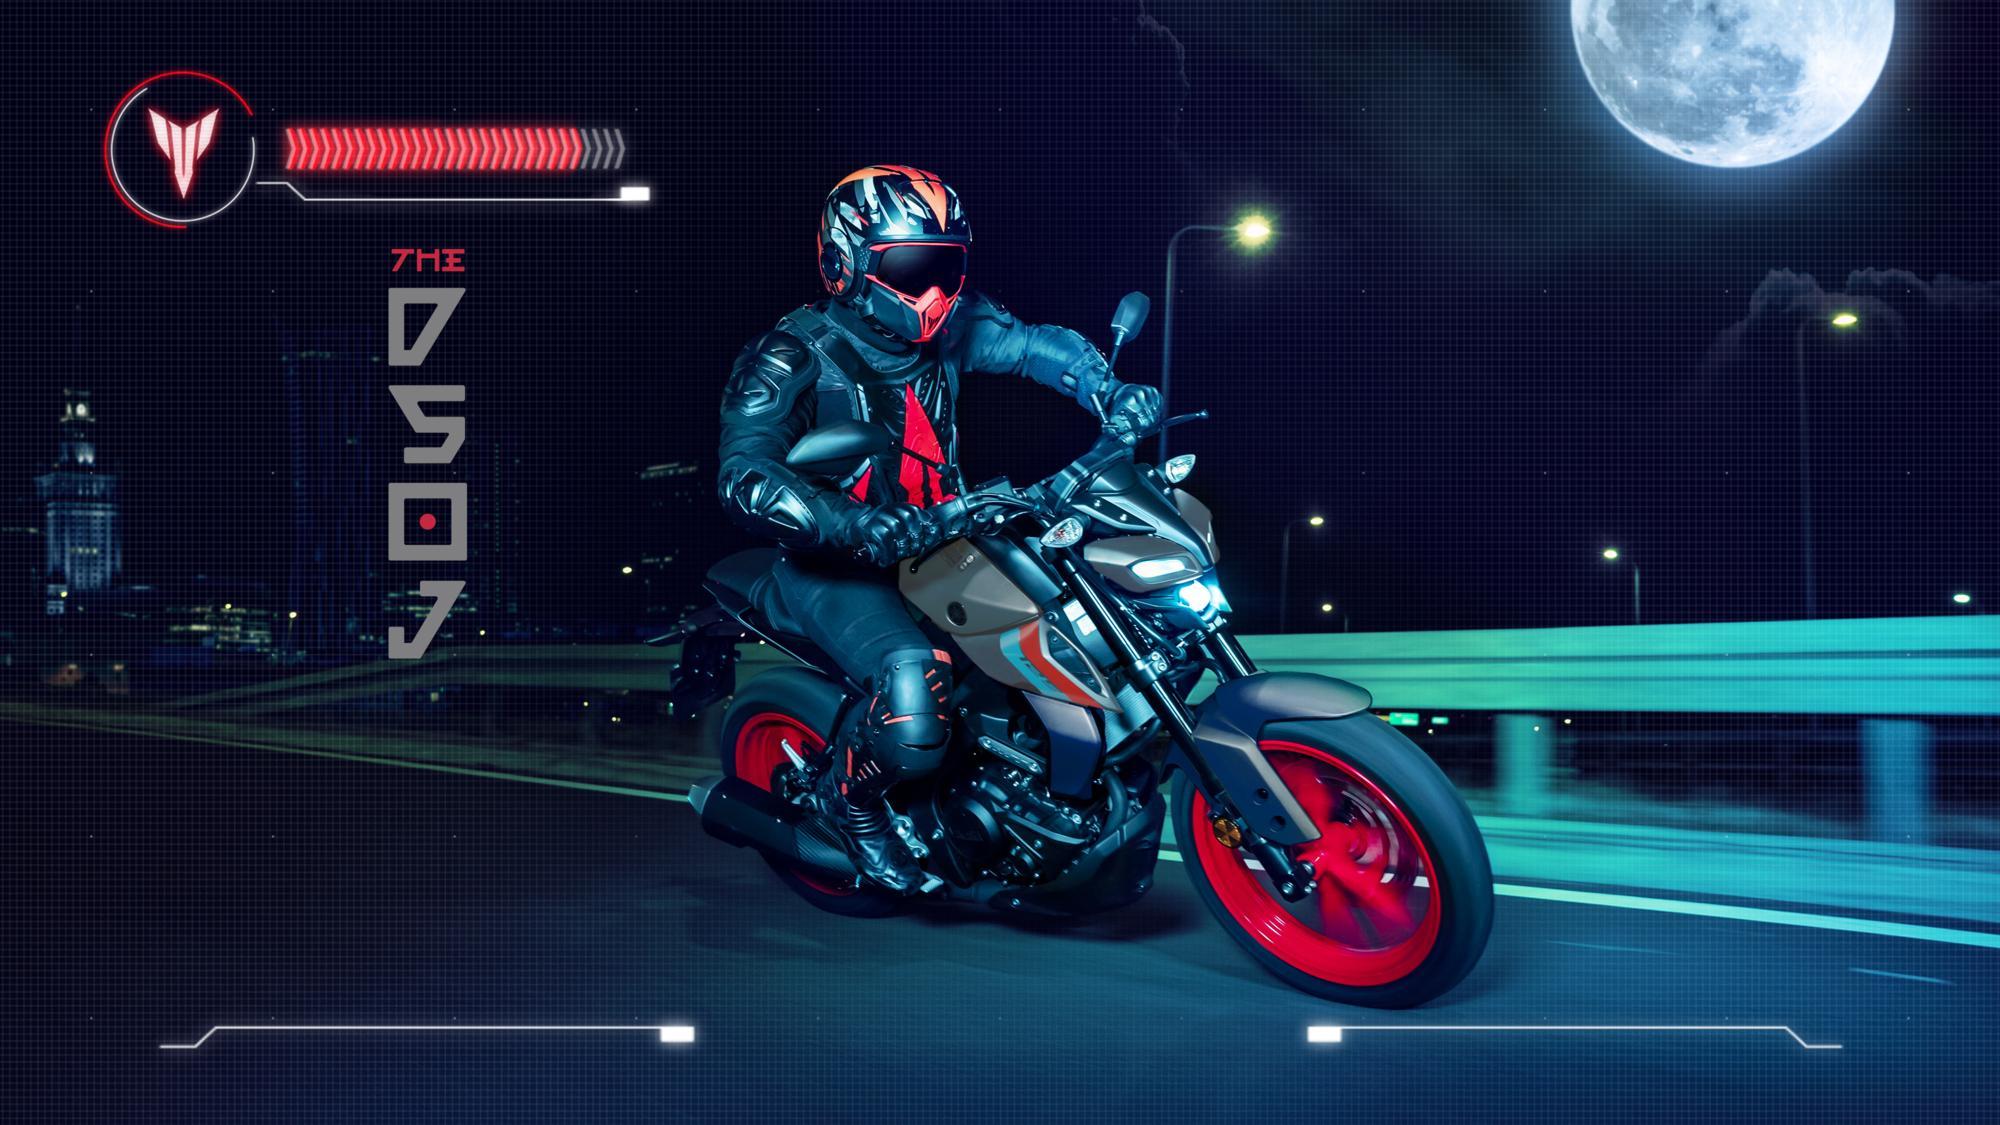 Découvrez la gamme moto 125cc, accessible dès l'âge de 16 ans